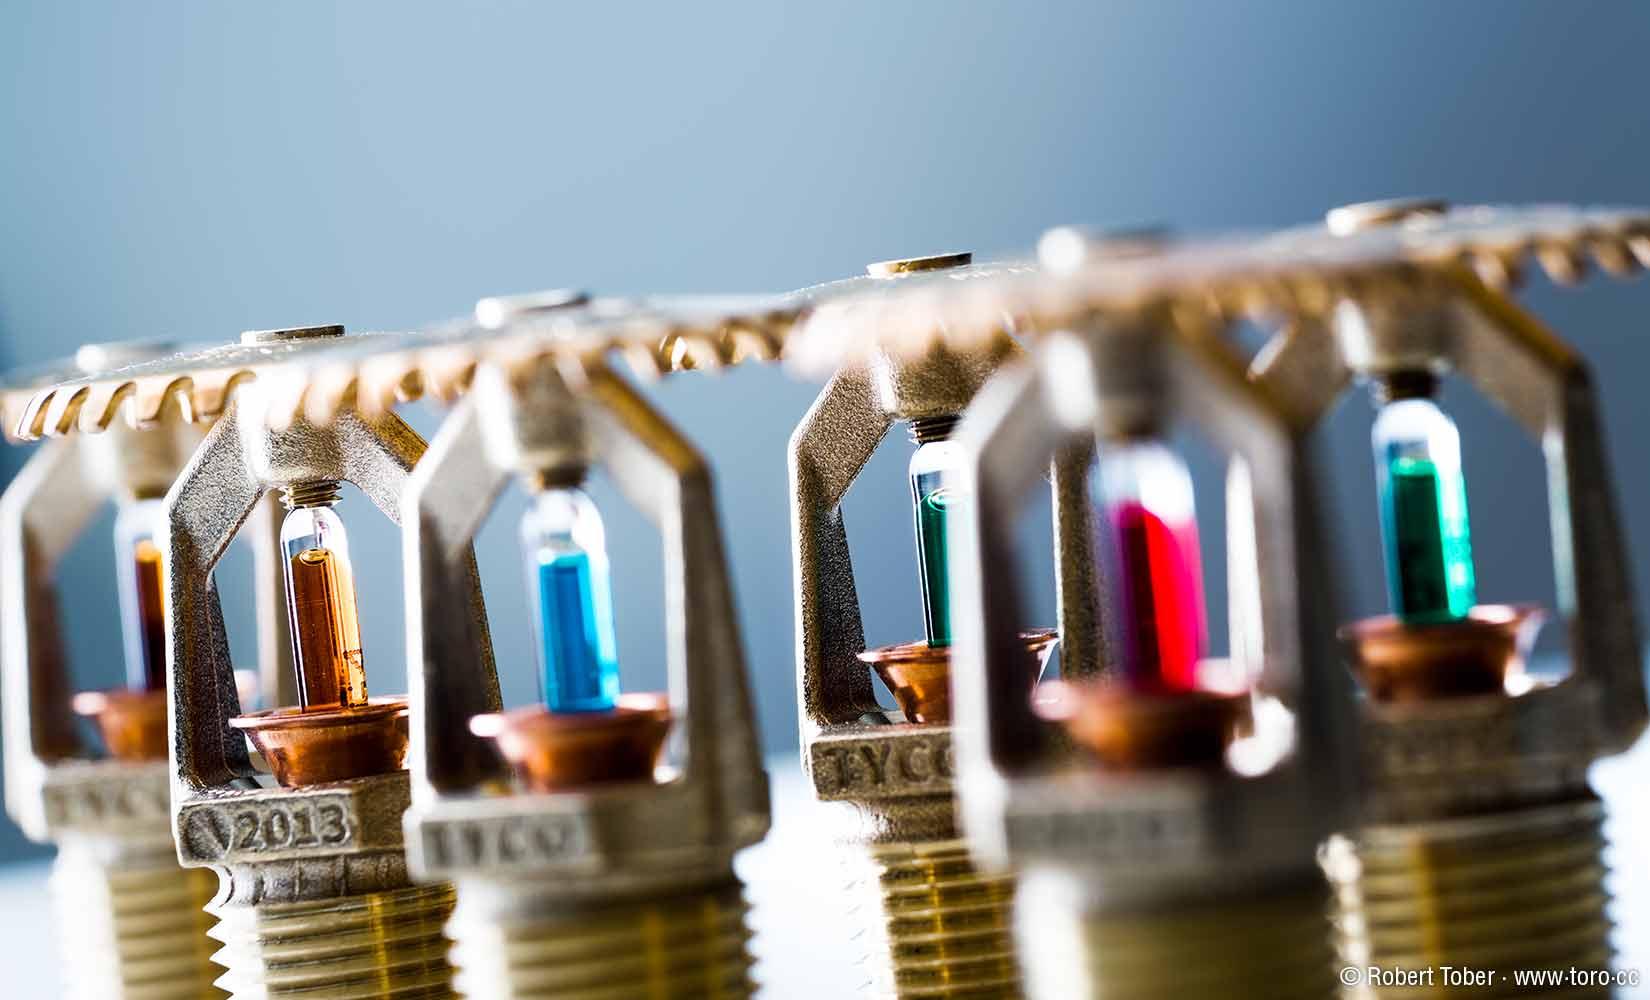 TYCO Spinklerköpfe mit unterschiedlichen Glasampullen © Robert Tober